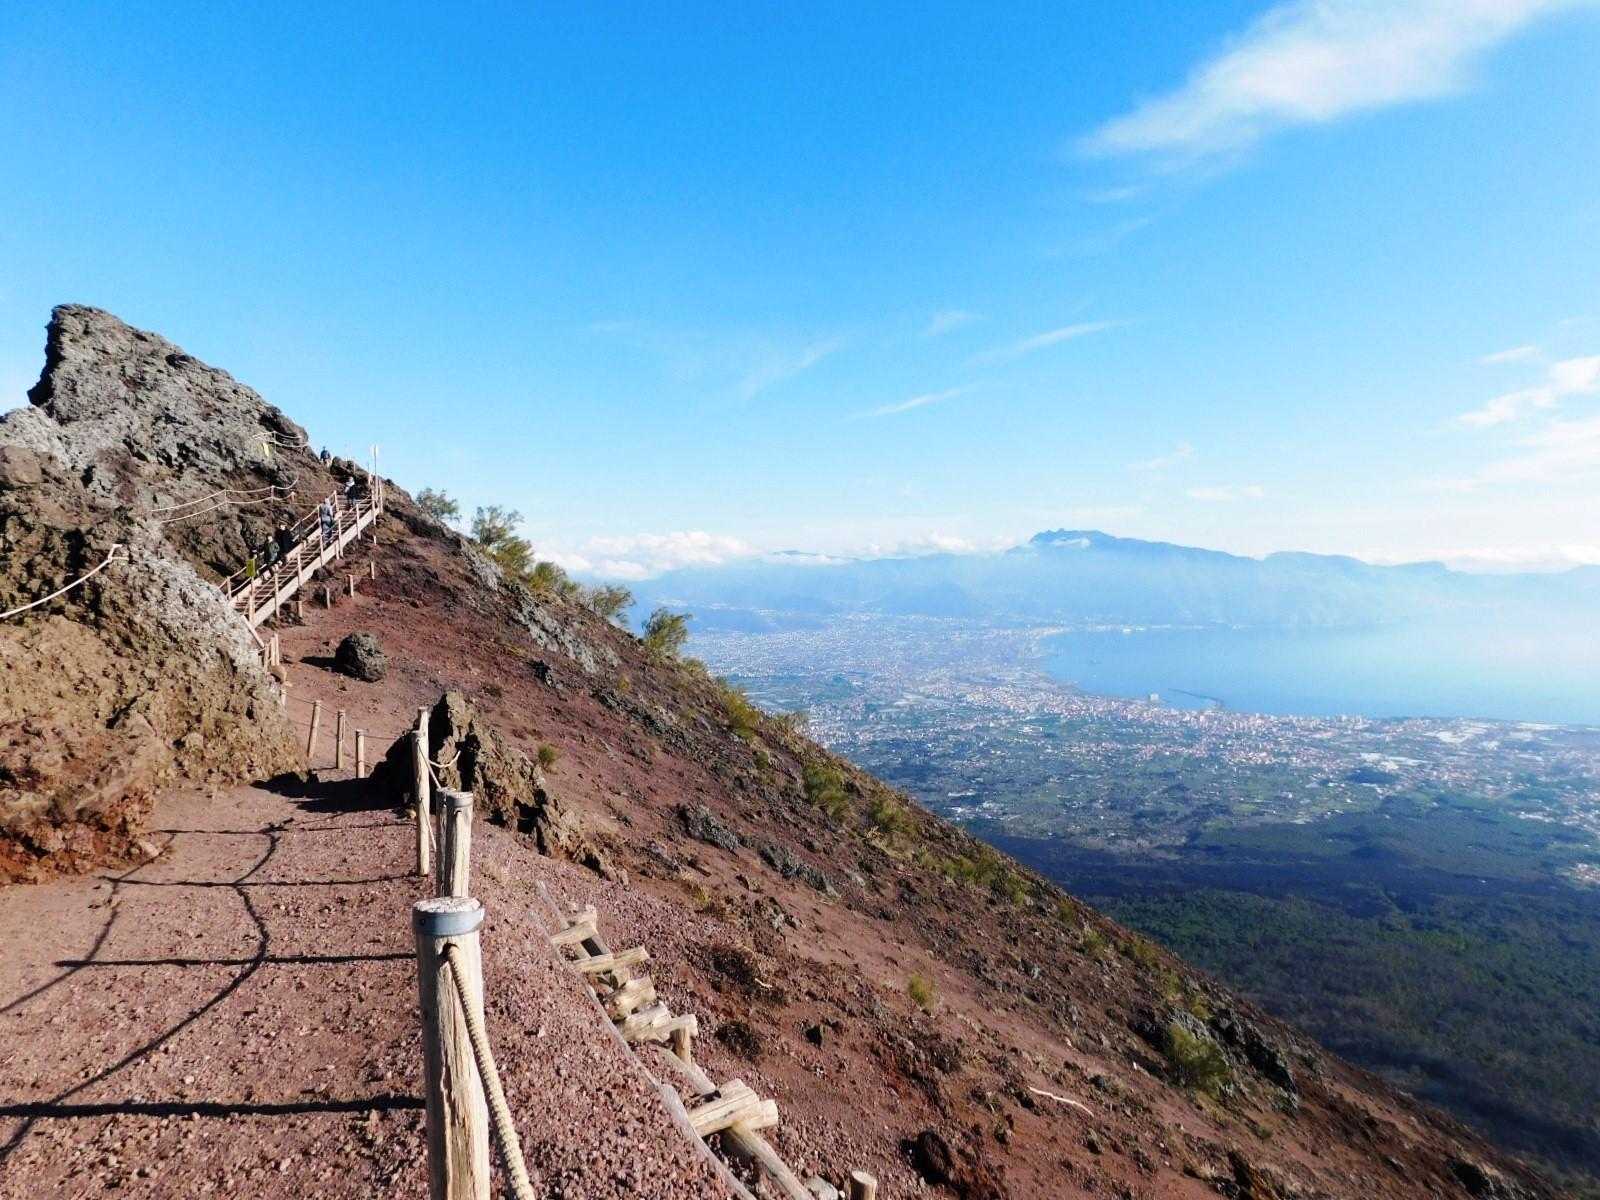 ヴェスヴィオ火山